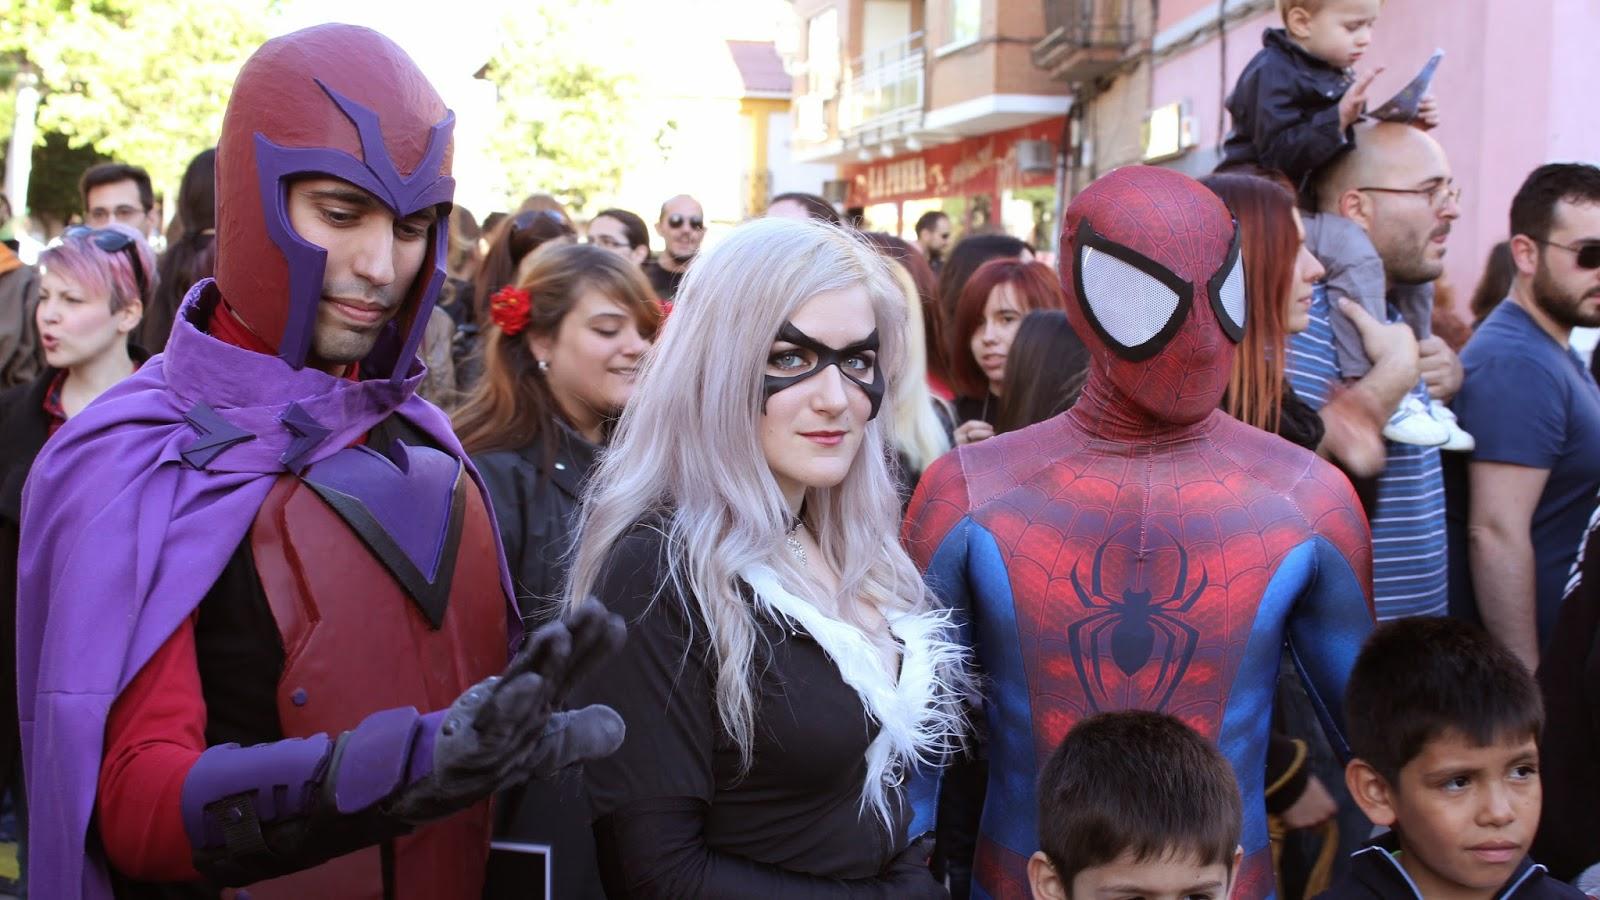 Spiderman fuenlabrada